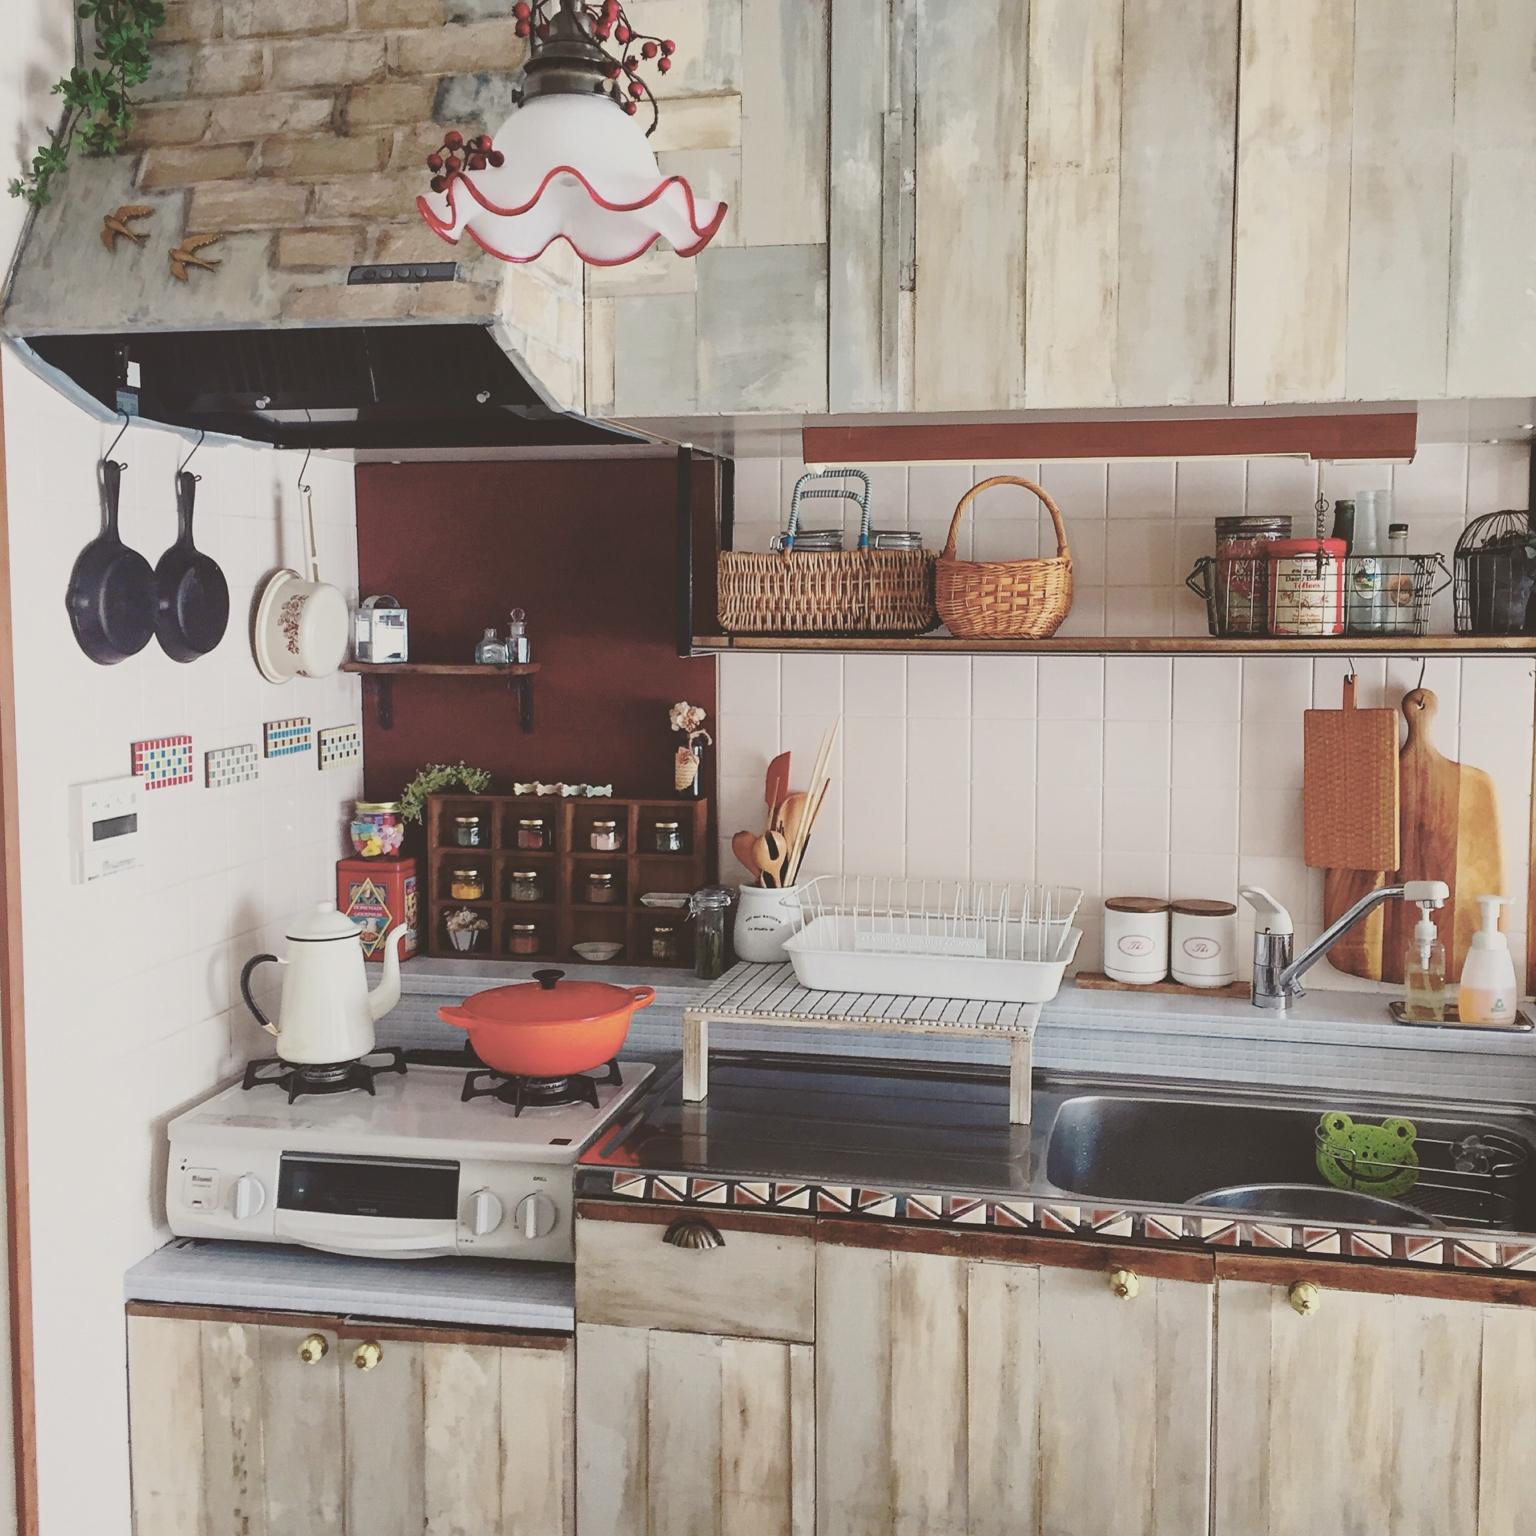 【Web内覧会】みんなの素敵なキッチンをのぞかせてもらいましょう♪のサムネイル画像